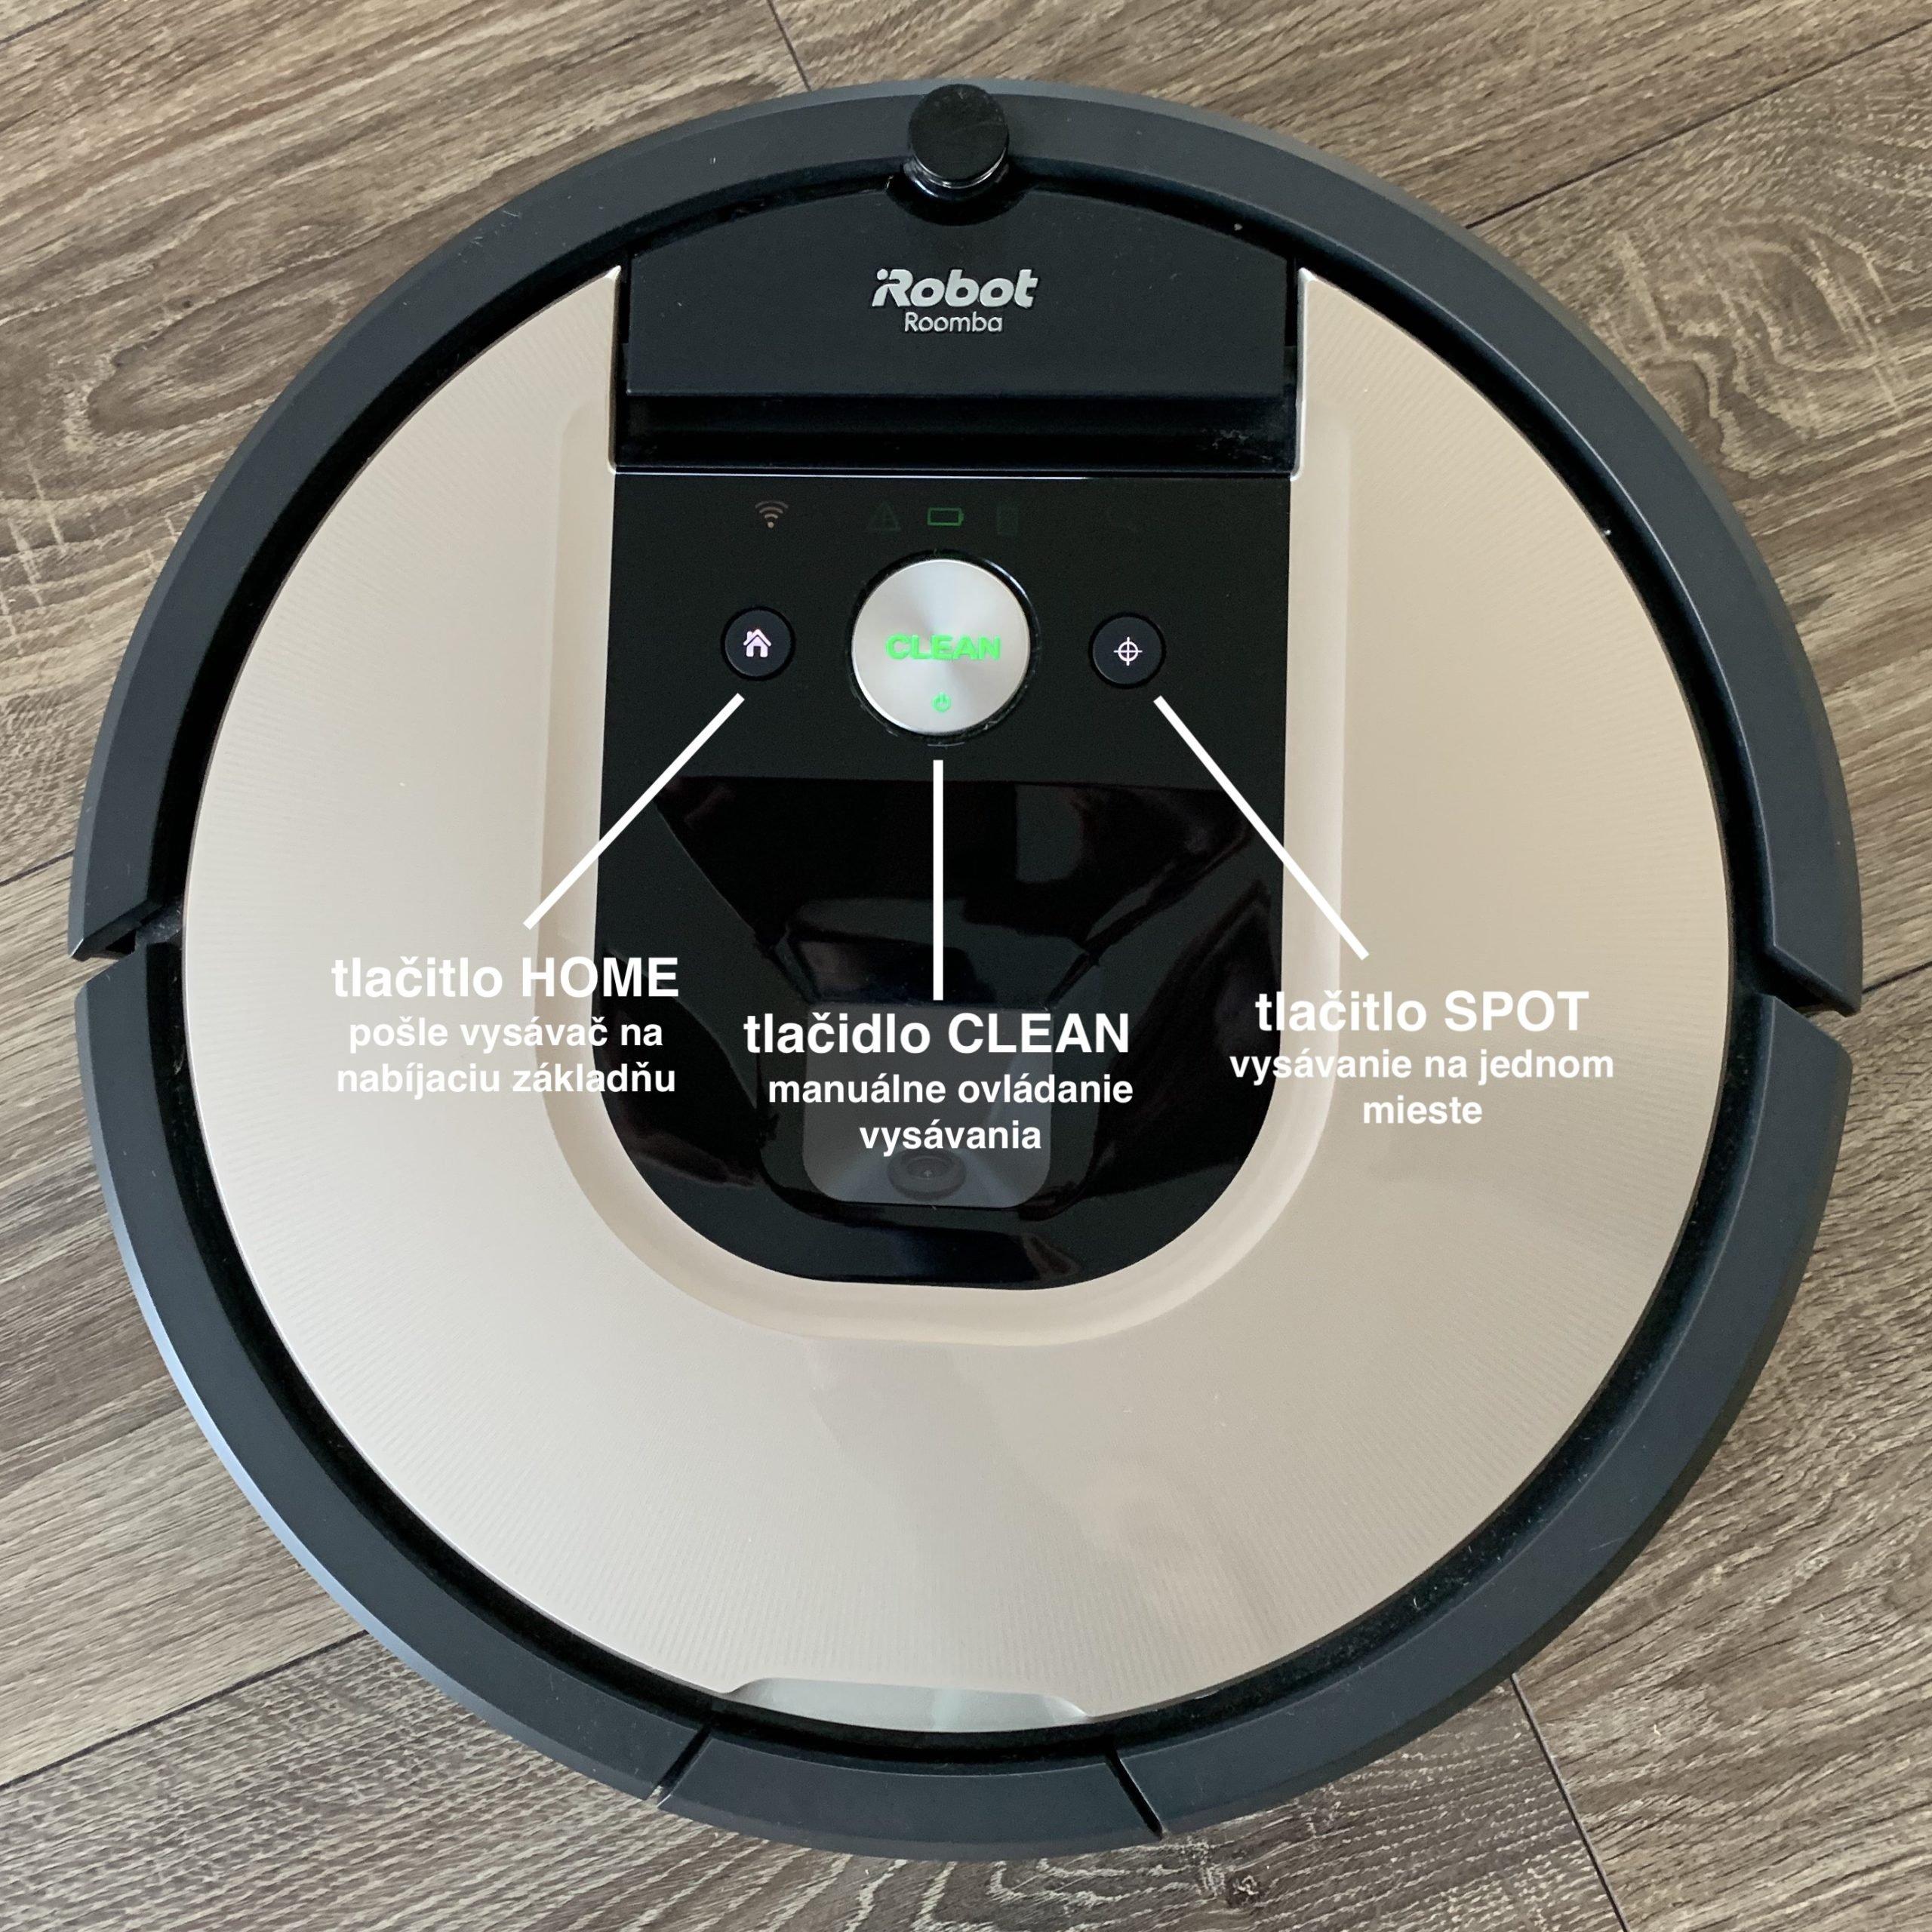 Ovládacie tlačidlá vysávača iRobot Roomba 976